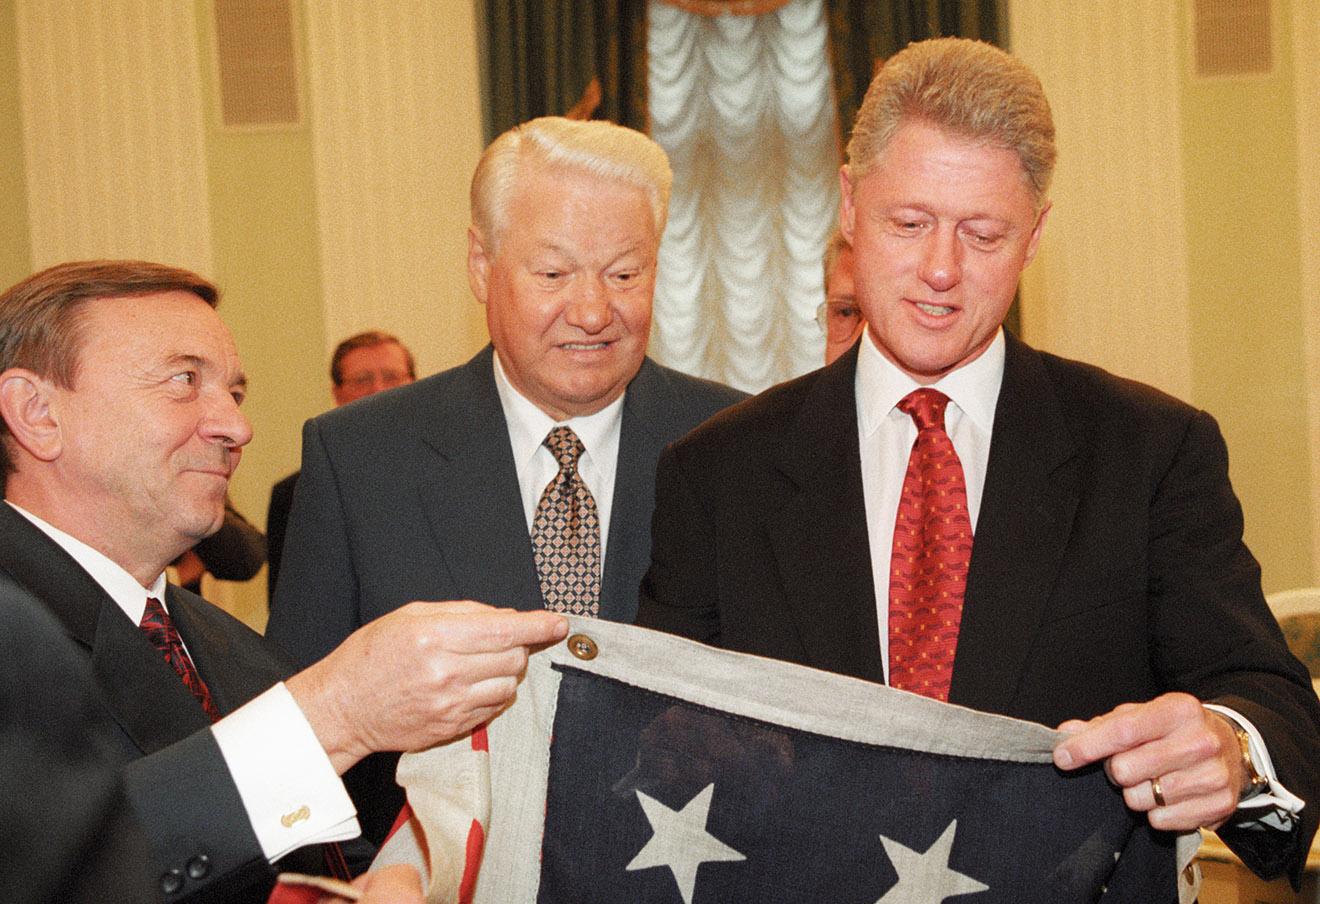 Борис Ельцин (слева) вручает Президенту США Биллу Клинтону (справа) копию американского флага времен войны между Севером и Югом, 1998 год.